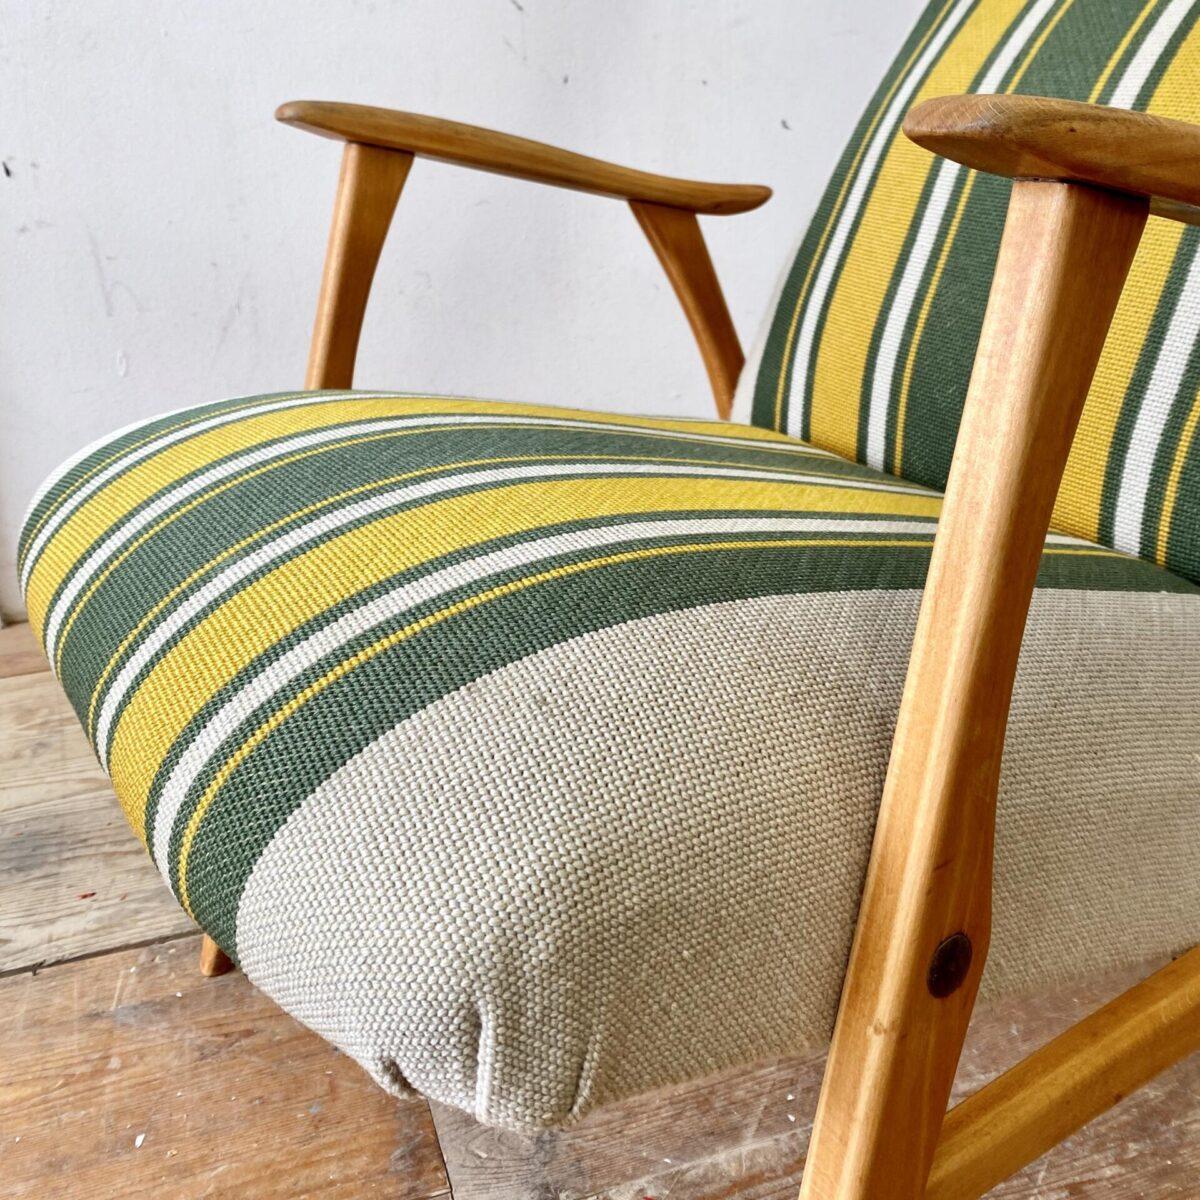 Deuxieme.shop midcentury Cocktail Sessel easy Chair, danish furniture. Vintage Stoff Sessel mit hohem Rücken. Der grün-gelbe Stoffbezug ist leicht abgewetzt, Buchenholz Beine und Armlehnen mit Alterspatina.